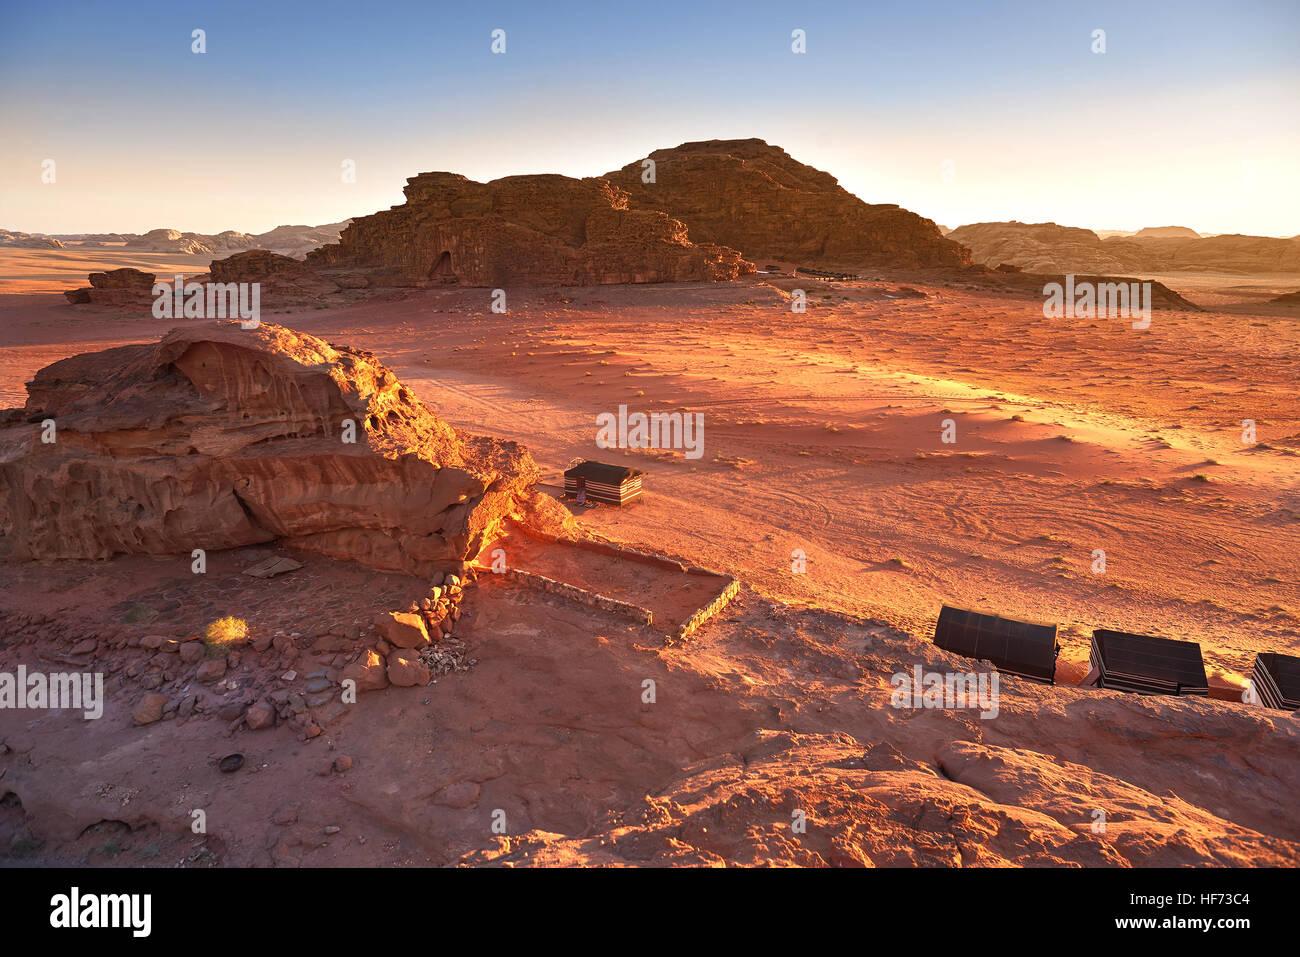 Malerische Aussicht von Wadi Rum gegen klaren Himmel bei Sonnenaufgang, Arabische Wüste, Jordanien Stockbild